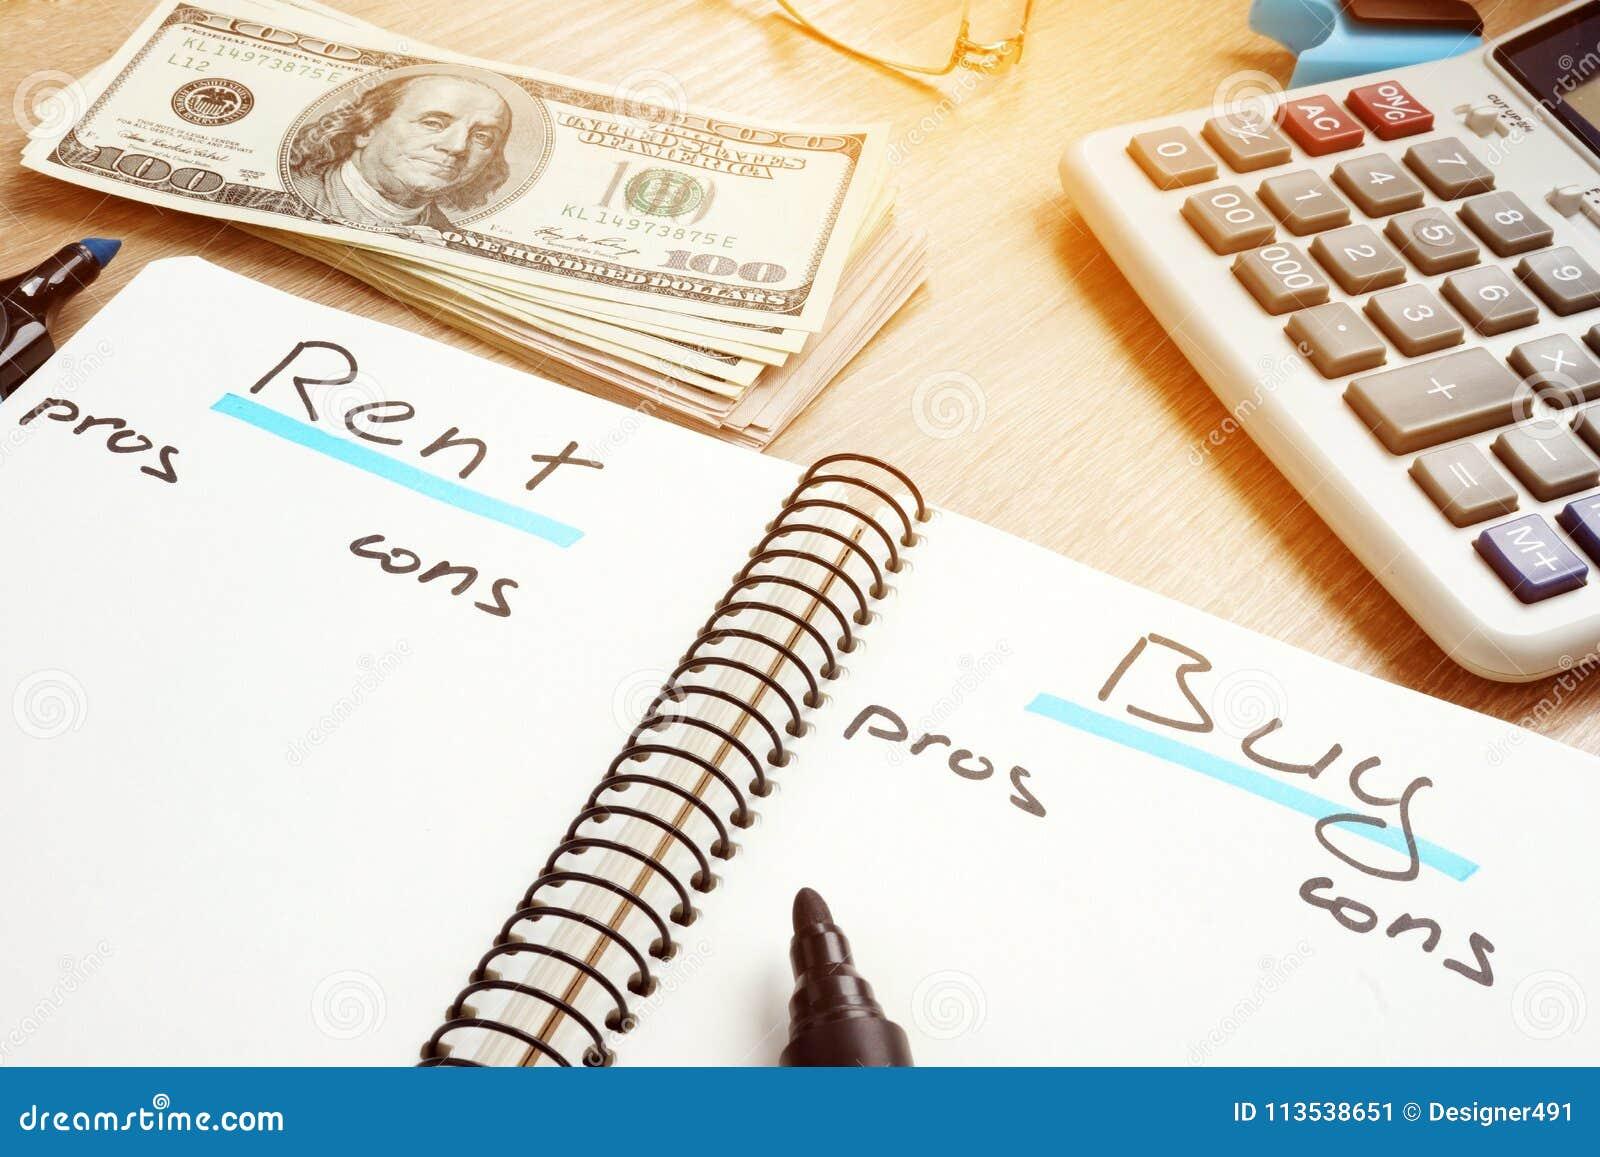 Affitti o compri i pro della casa - e - contro